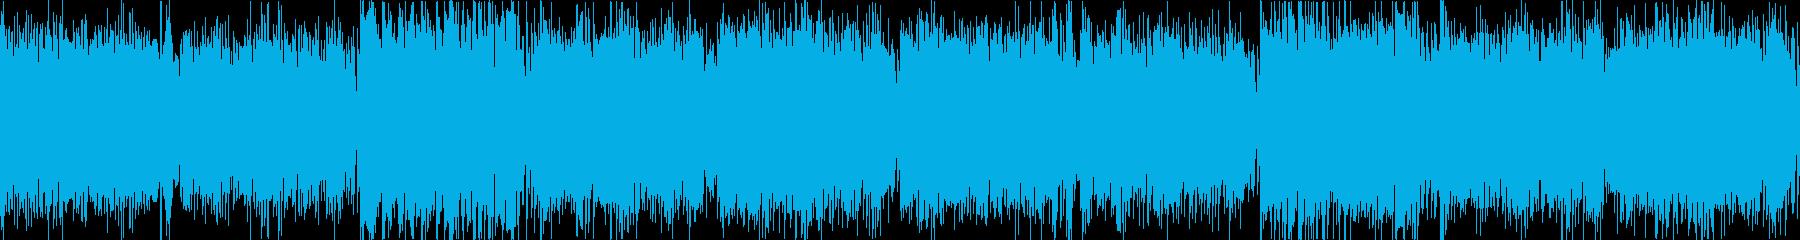 オタクヒロインをイメージ元気弾けるシンセの再生済みの波形